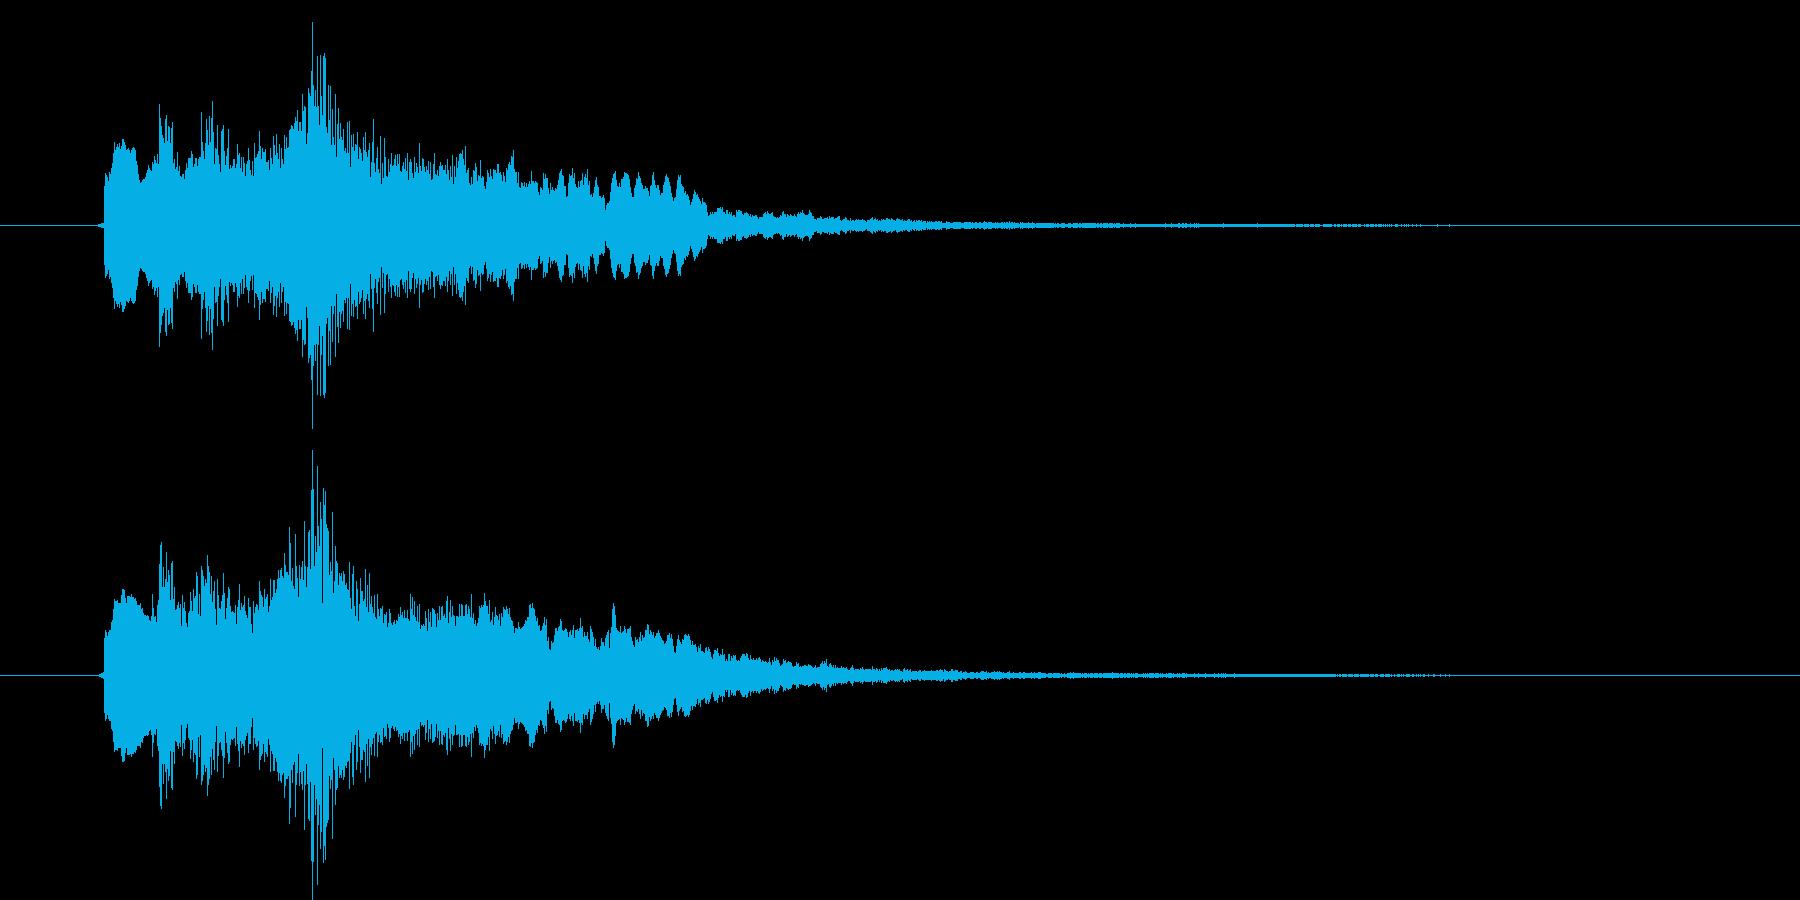 切ないピアノとバイオリンによるバラードの再生済みの波形